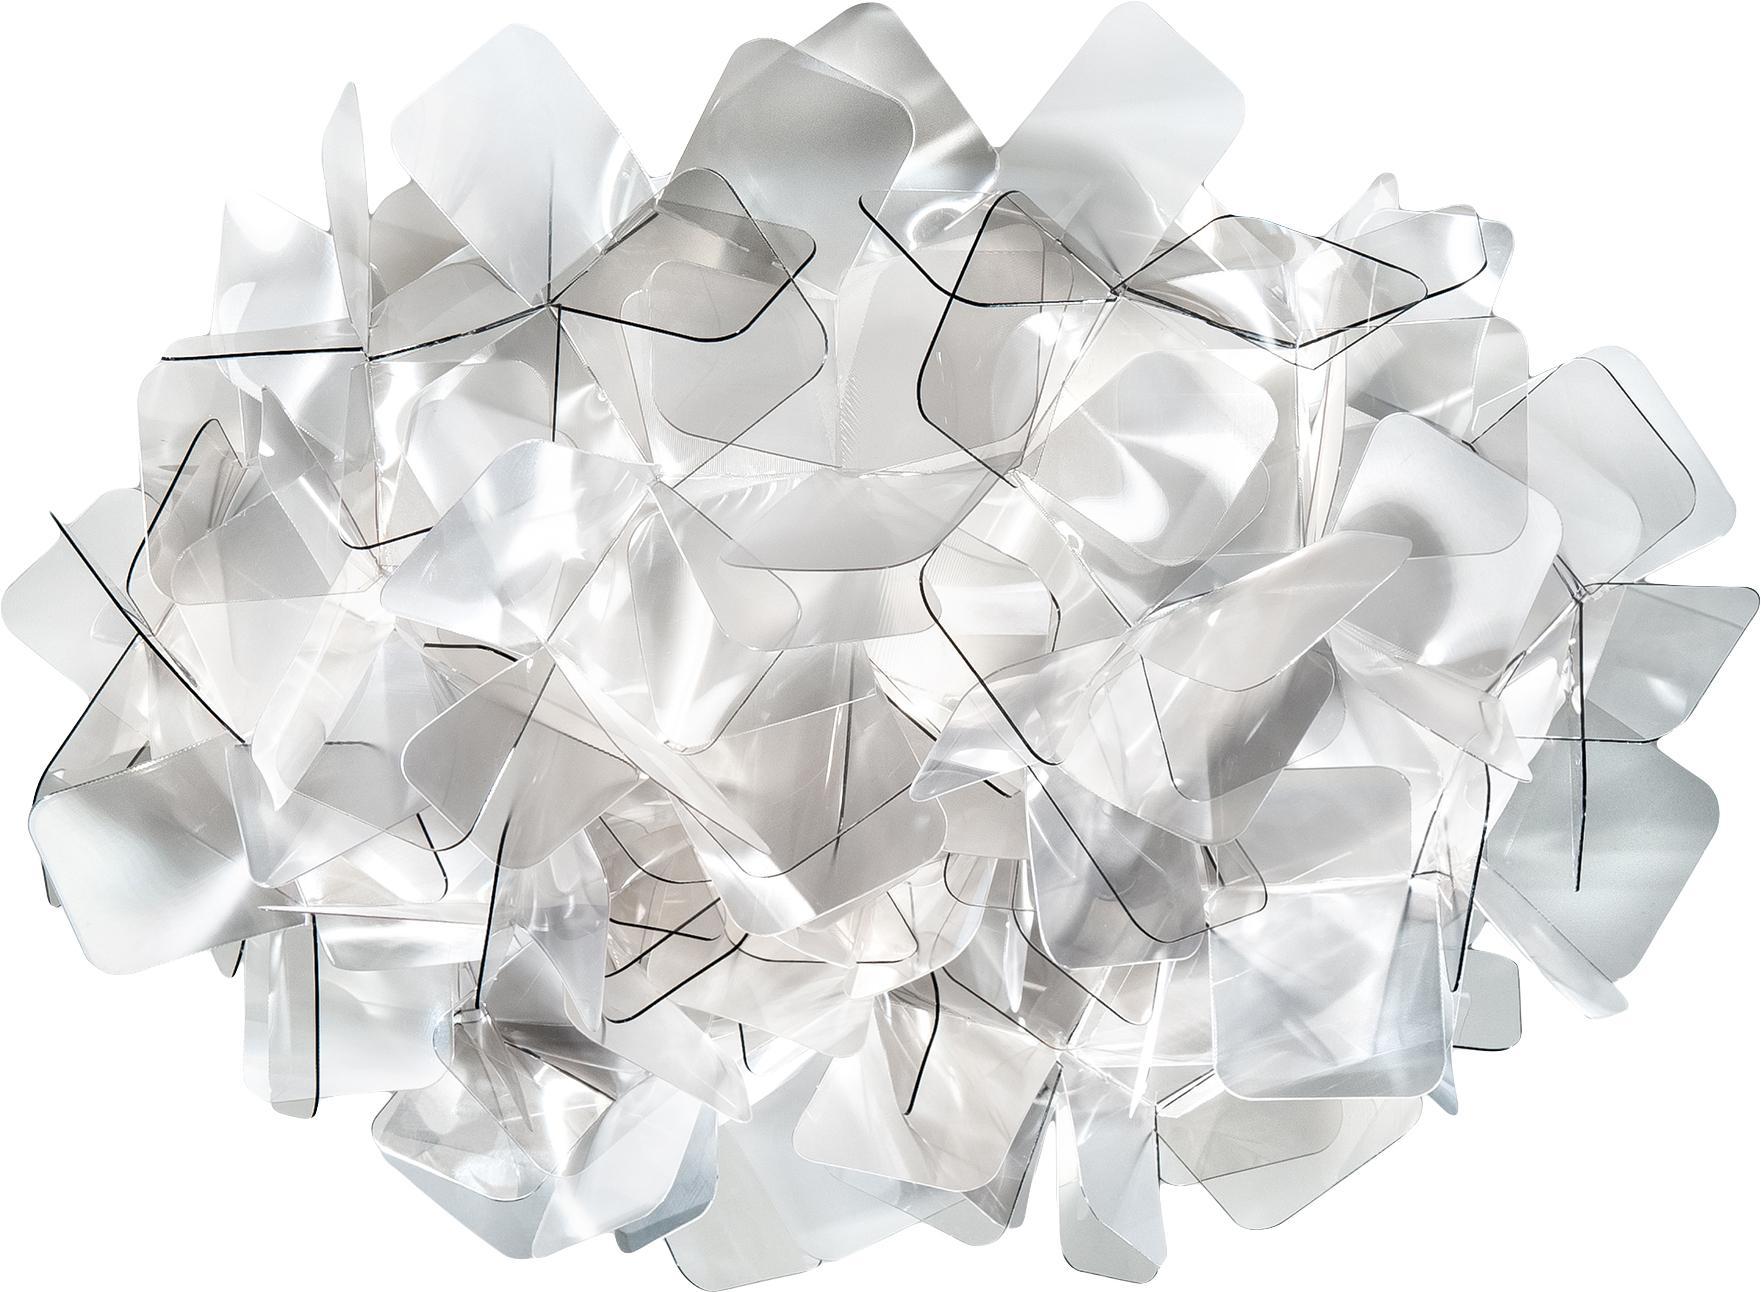 Handgefertigte Decken- und Wandleuchte Clizia, Technopolymere Lentiflex®, lichtablenkend und Cristalflex®, bruchfest, flexibel, Hellgrau, transparent, Ø 32 x H 15 cm